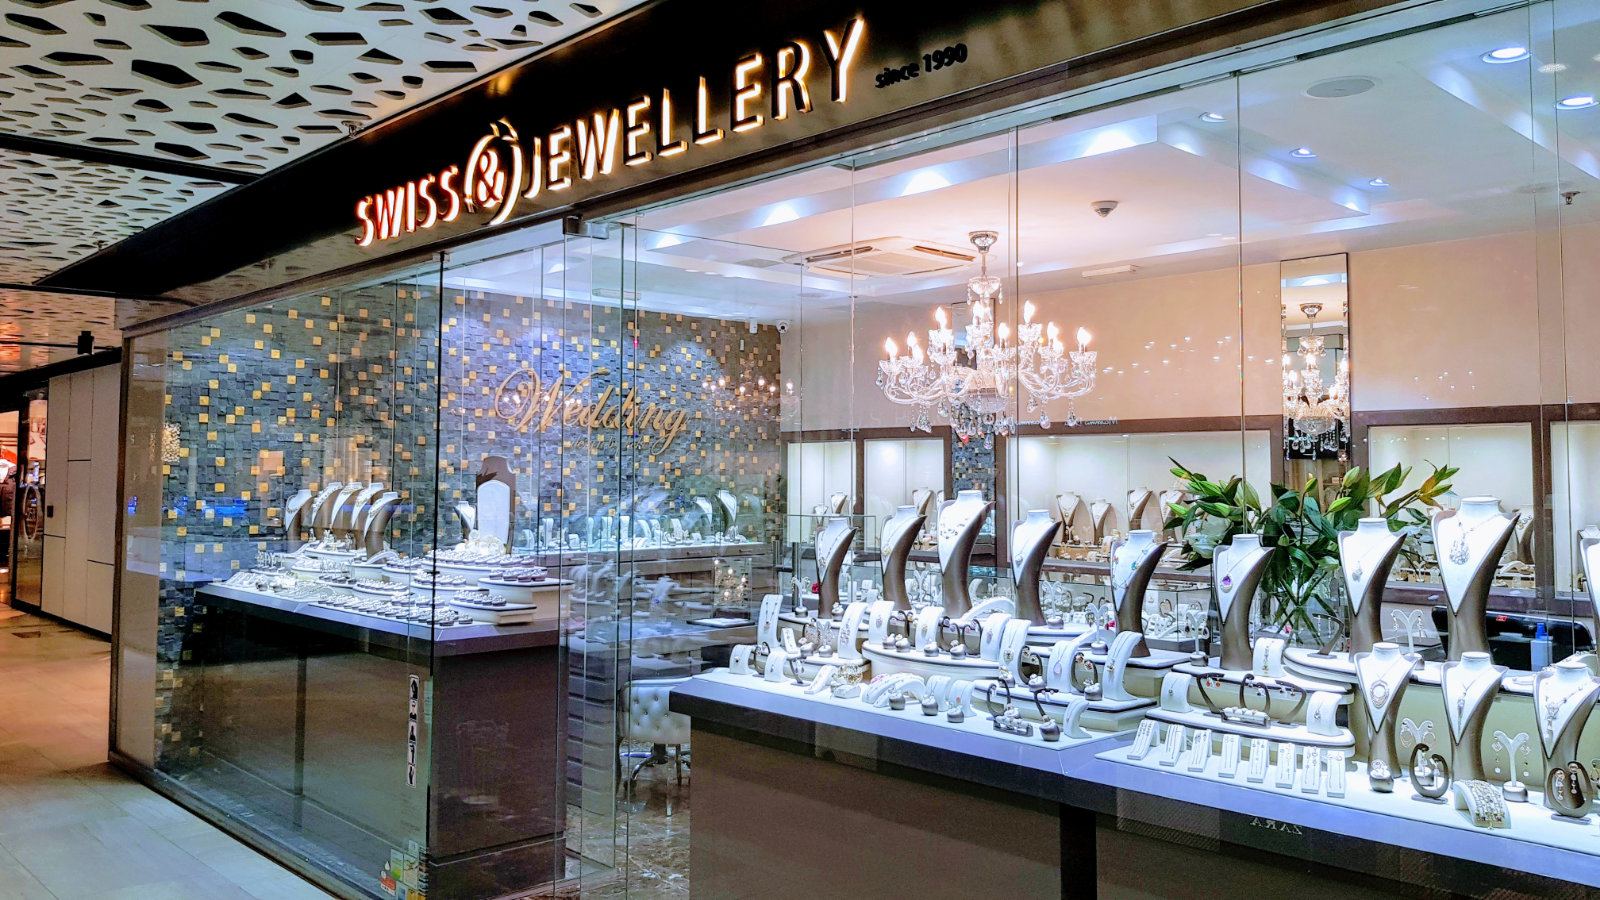 Swiss & Jewellery